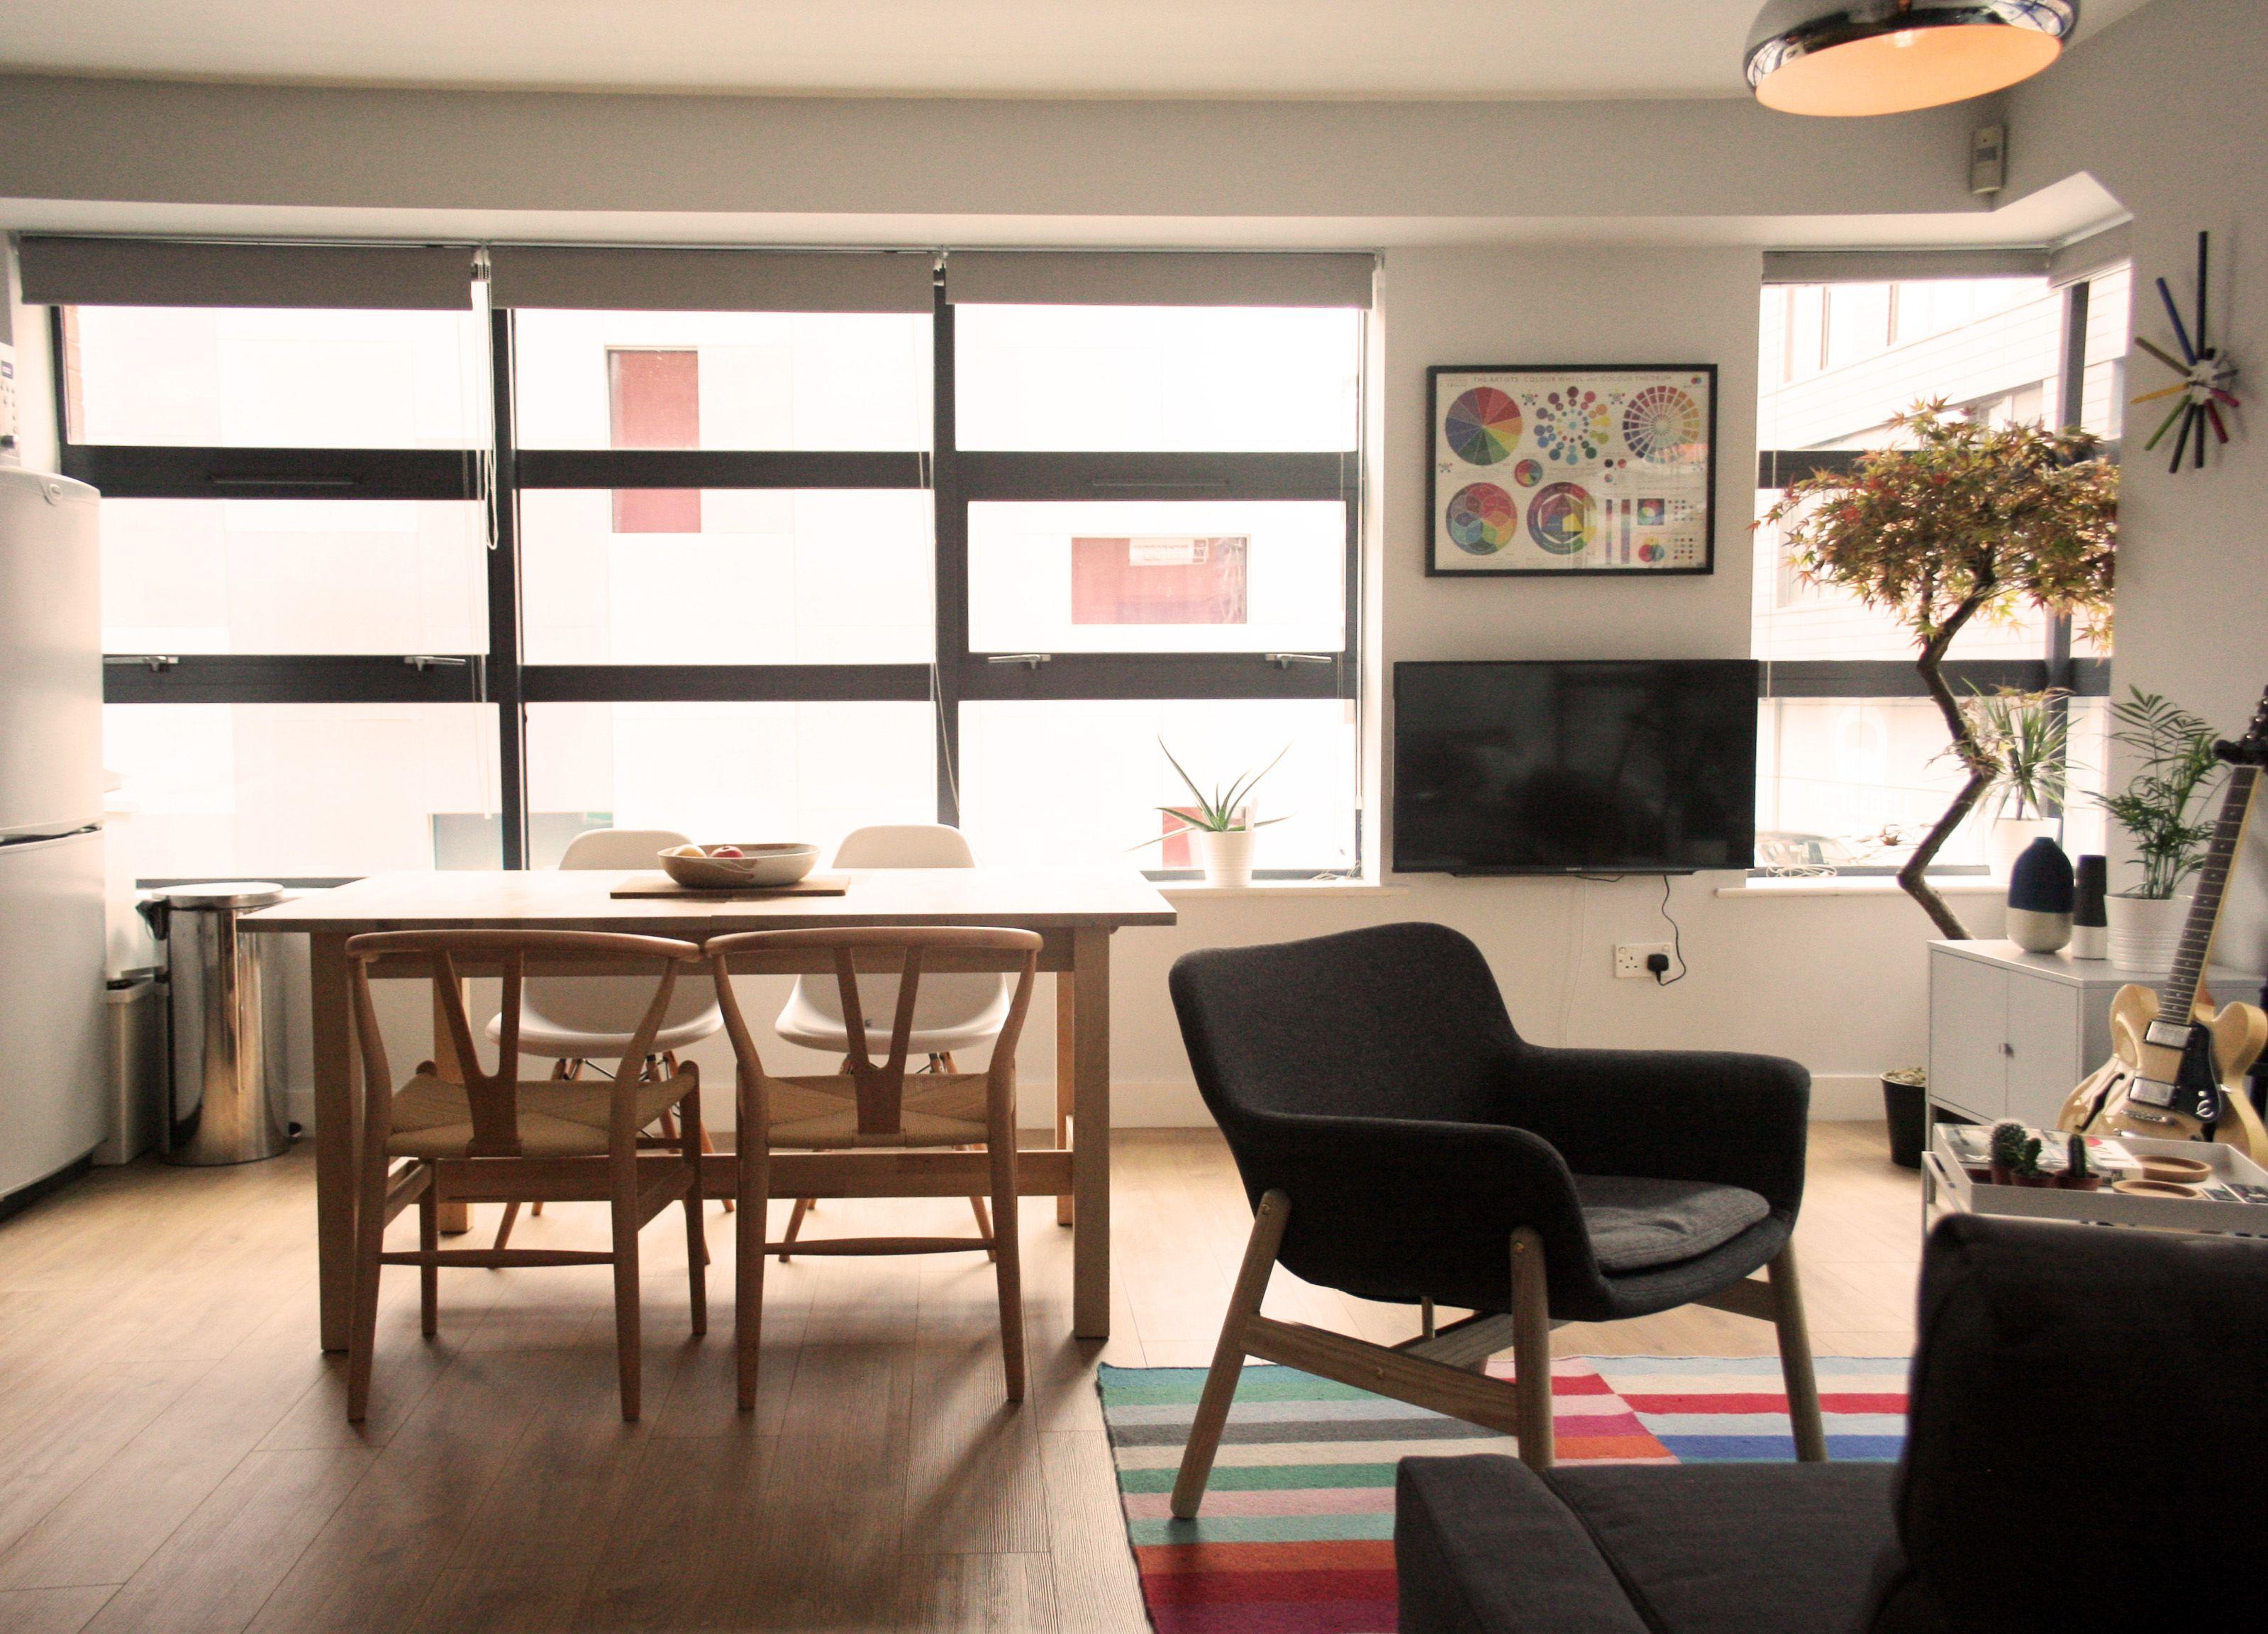 Hans Wegner Wishbone chairs IKEA Vedbo armchair Habitat lamp